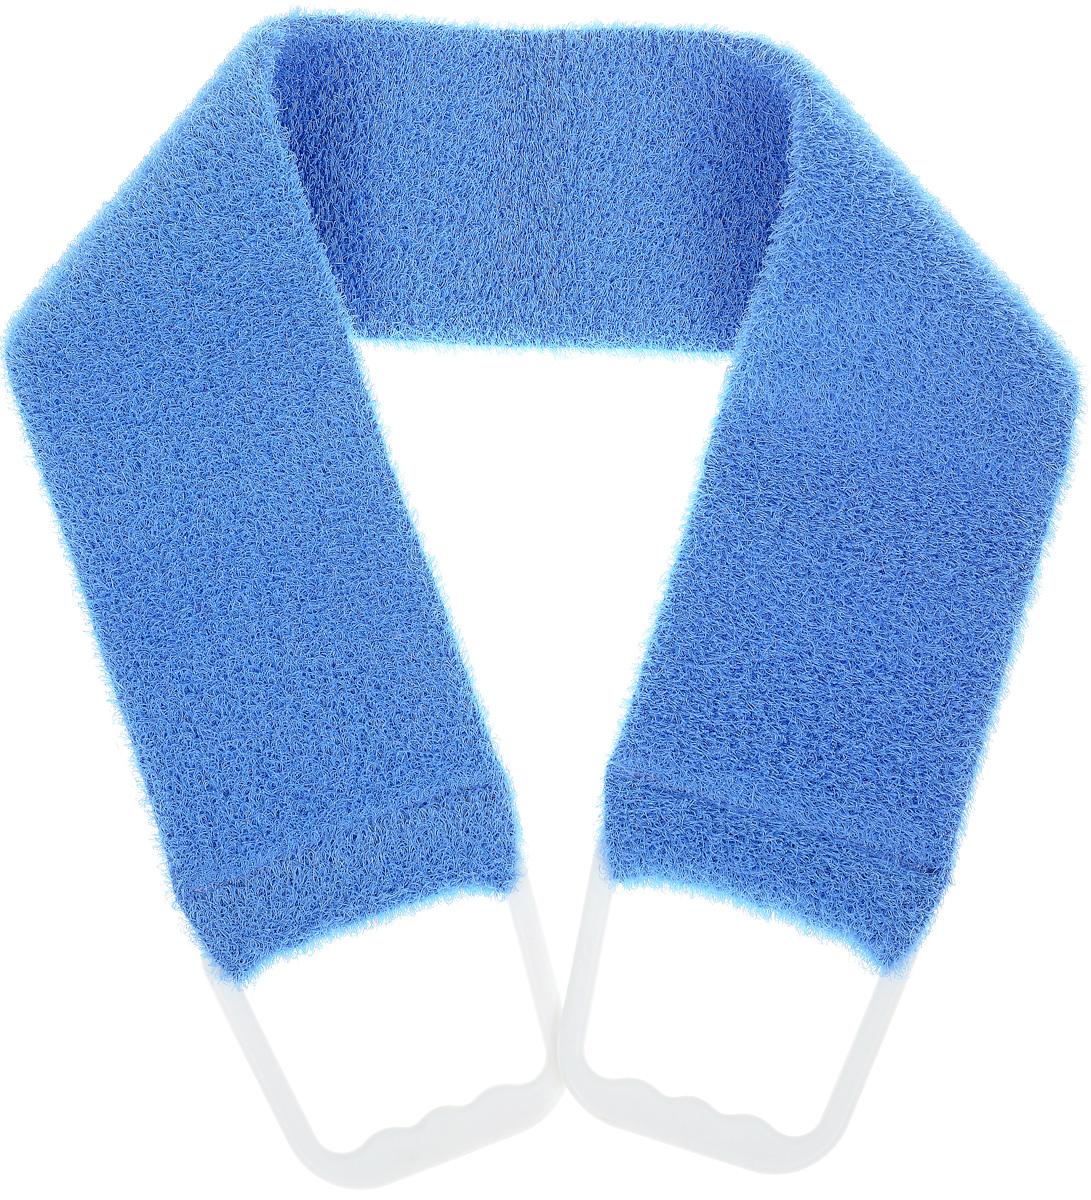 Riffi Мочалка-пояс, массажная, жесткая, цвет: синий720_синийRiffi Мочалка-пояс, массажная, жесткая, цвет: синий